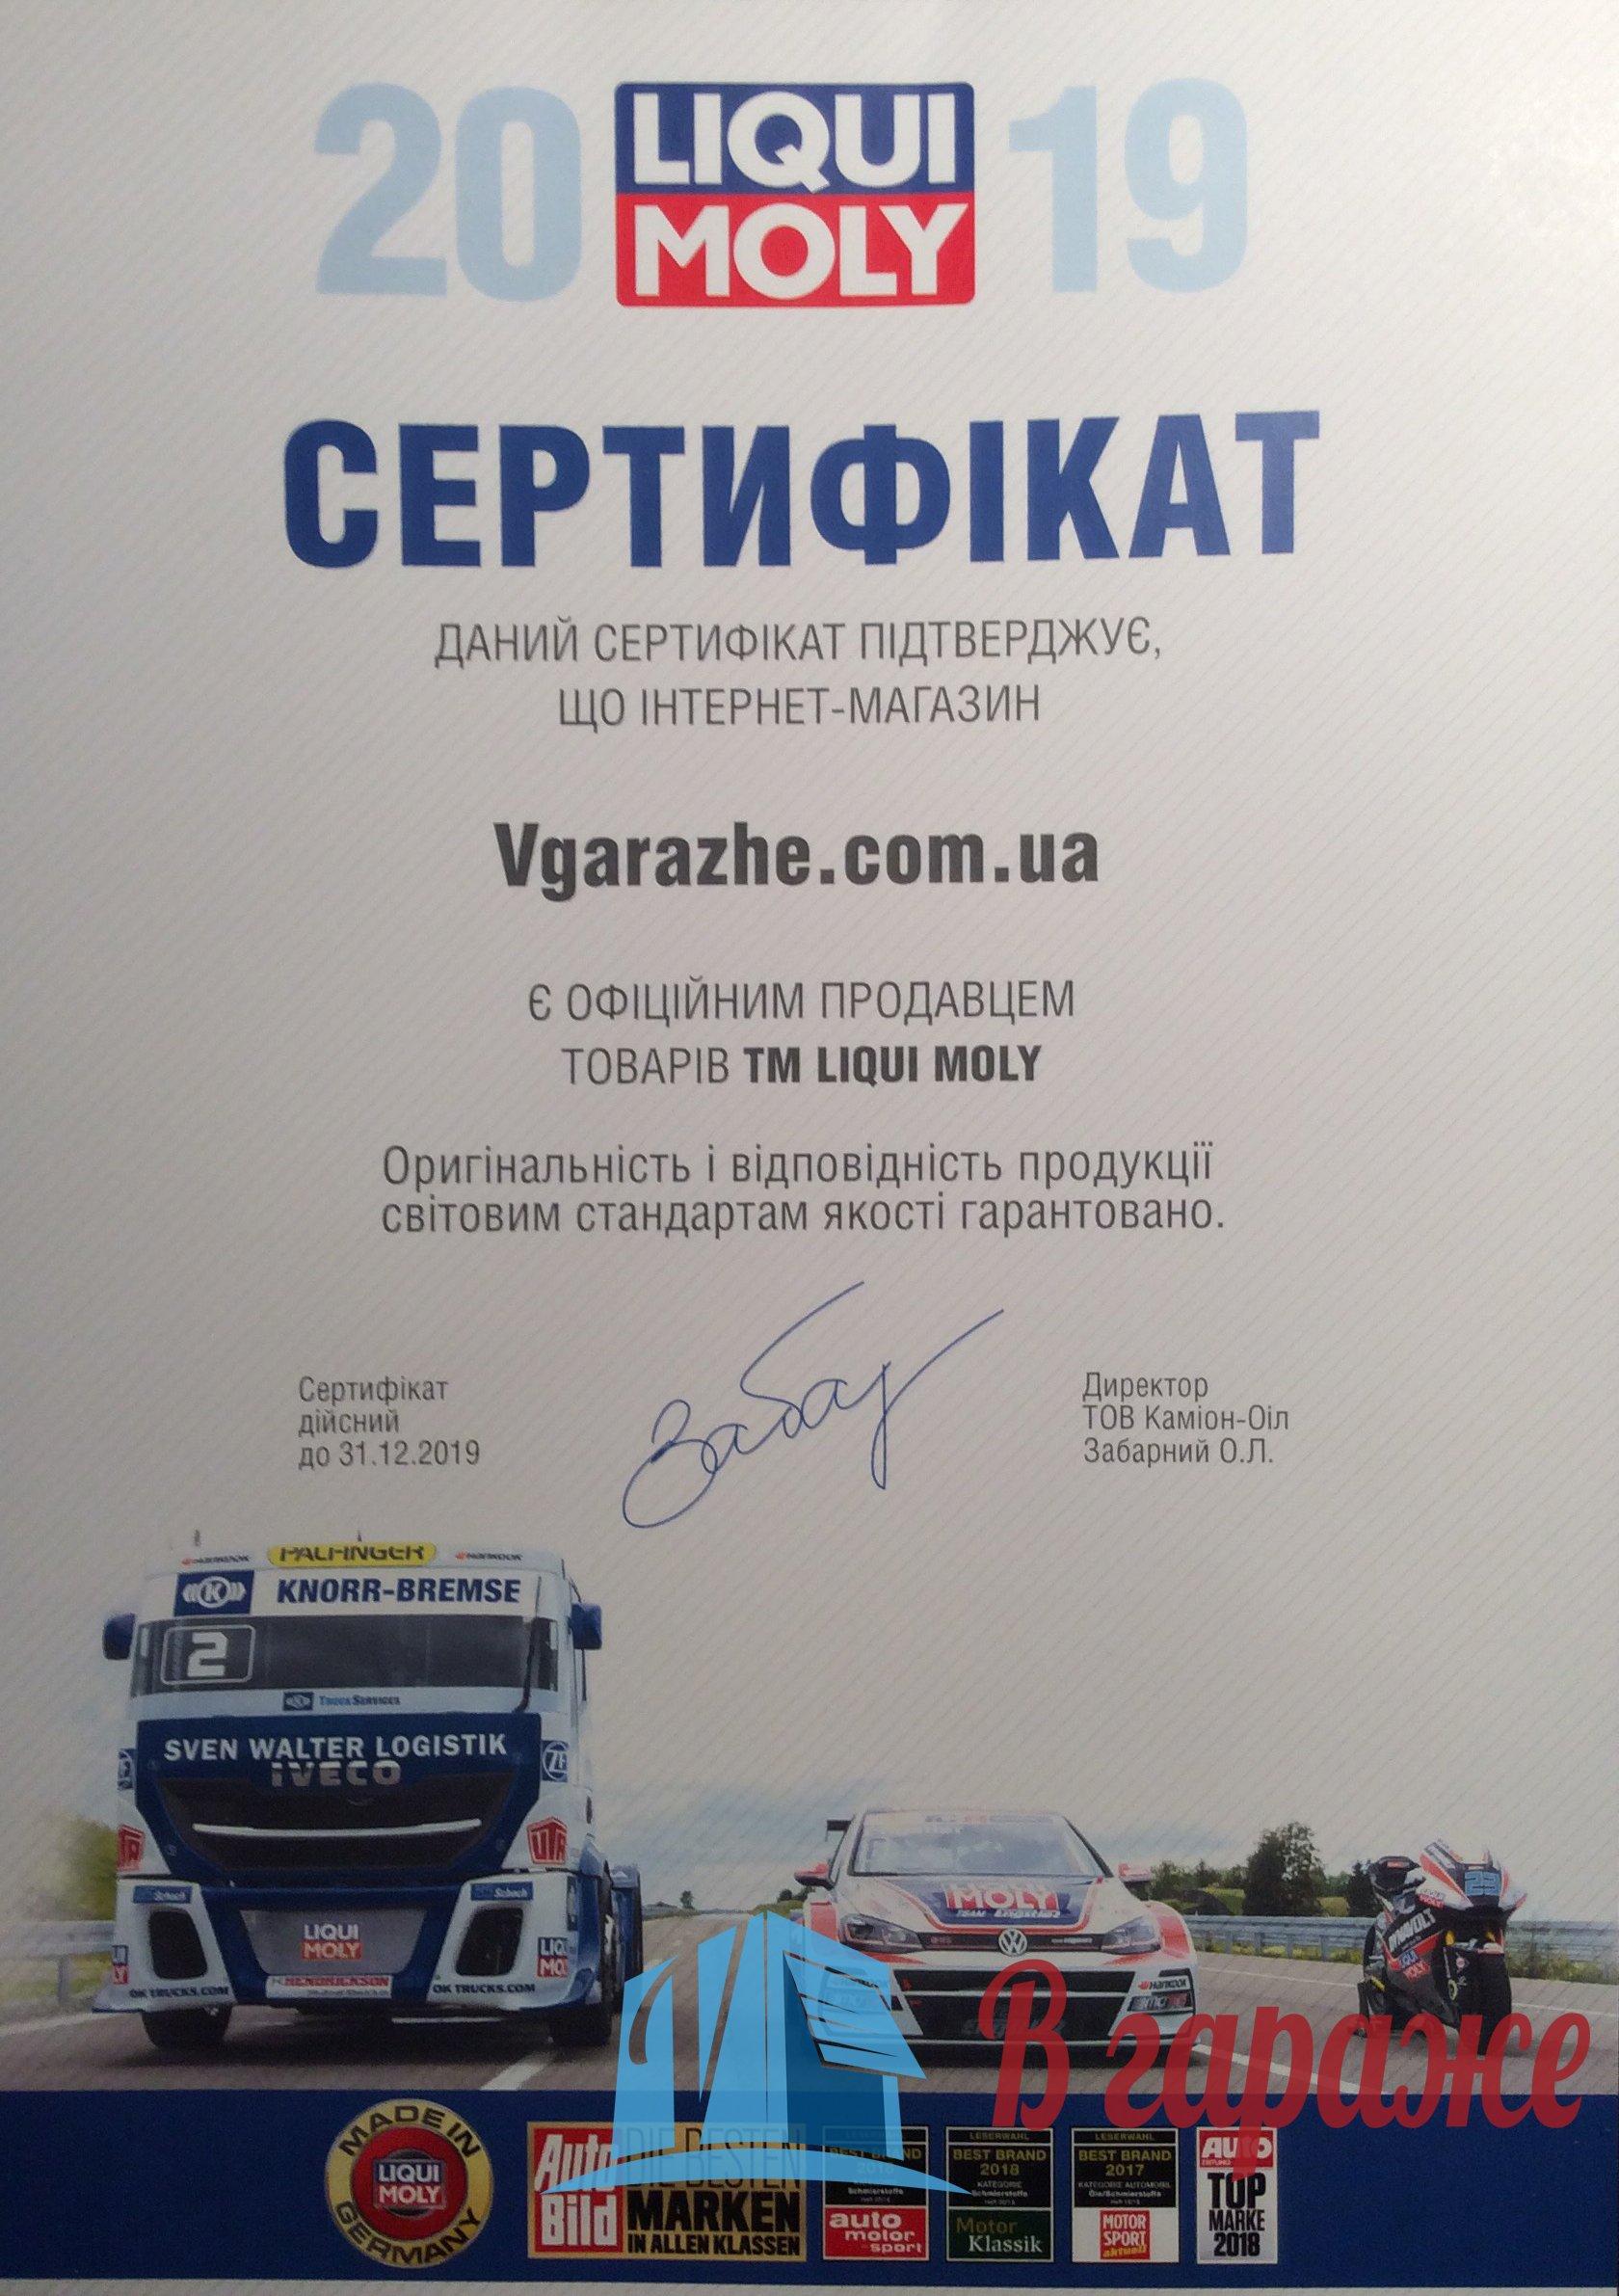 Сертификат Liqui Moly интернет-магазин В Гараже